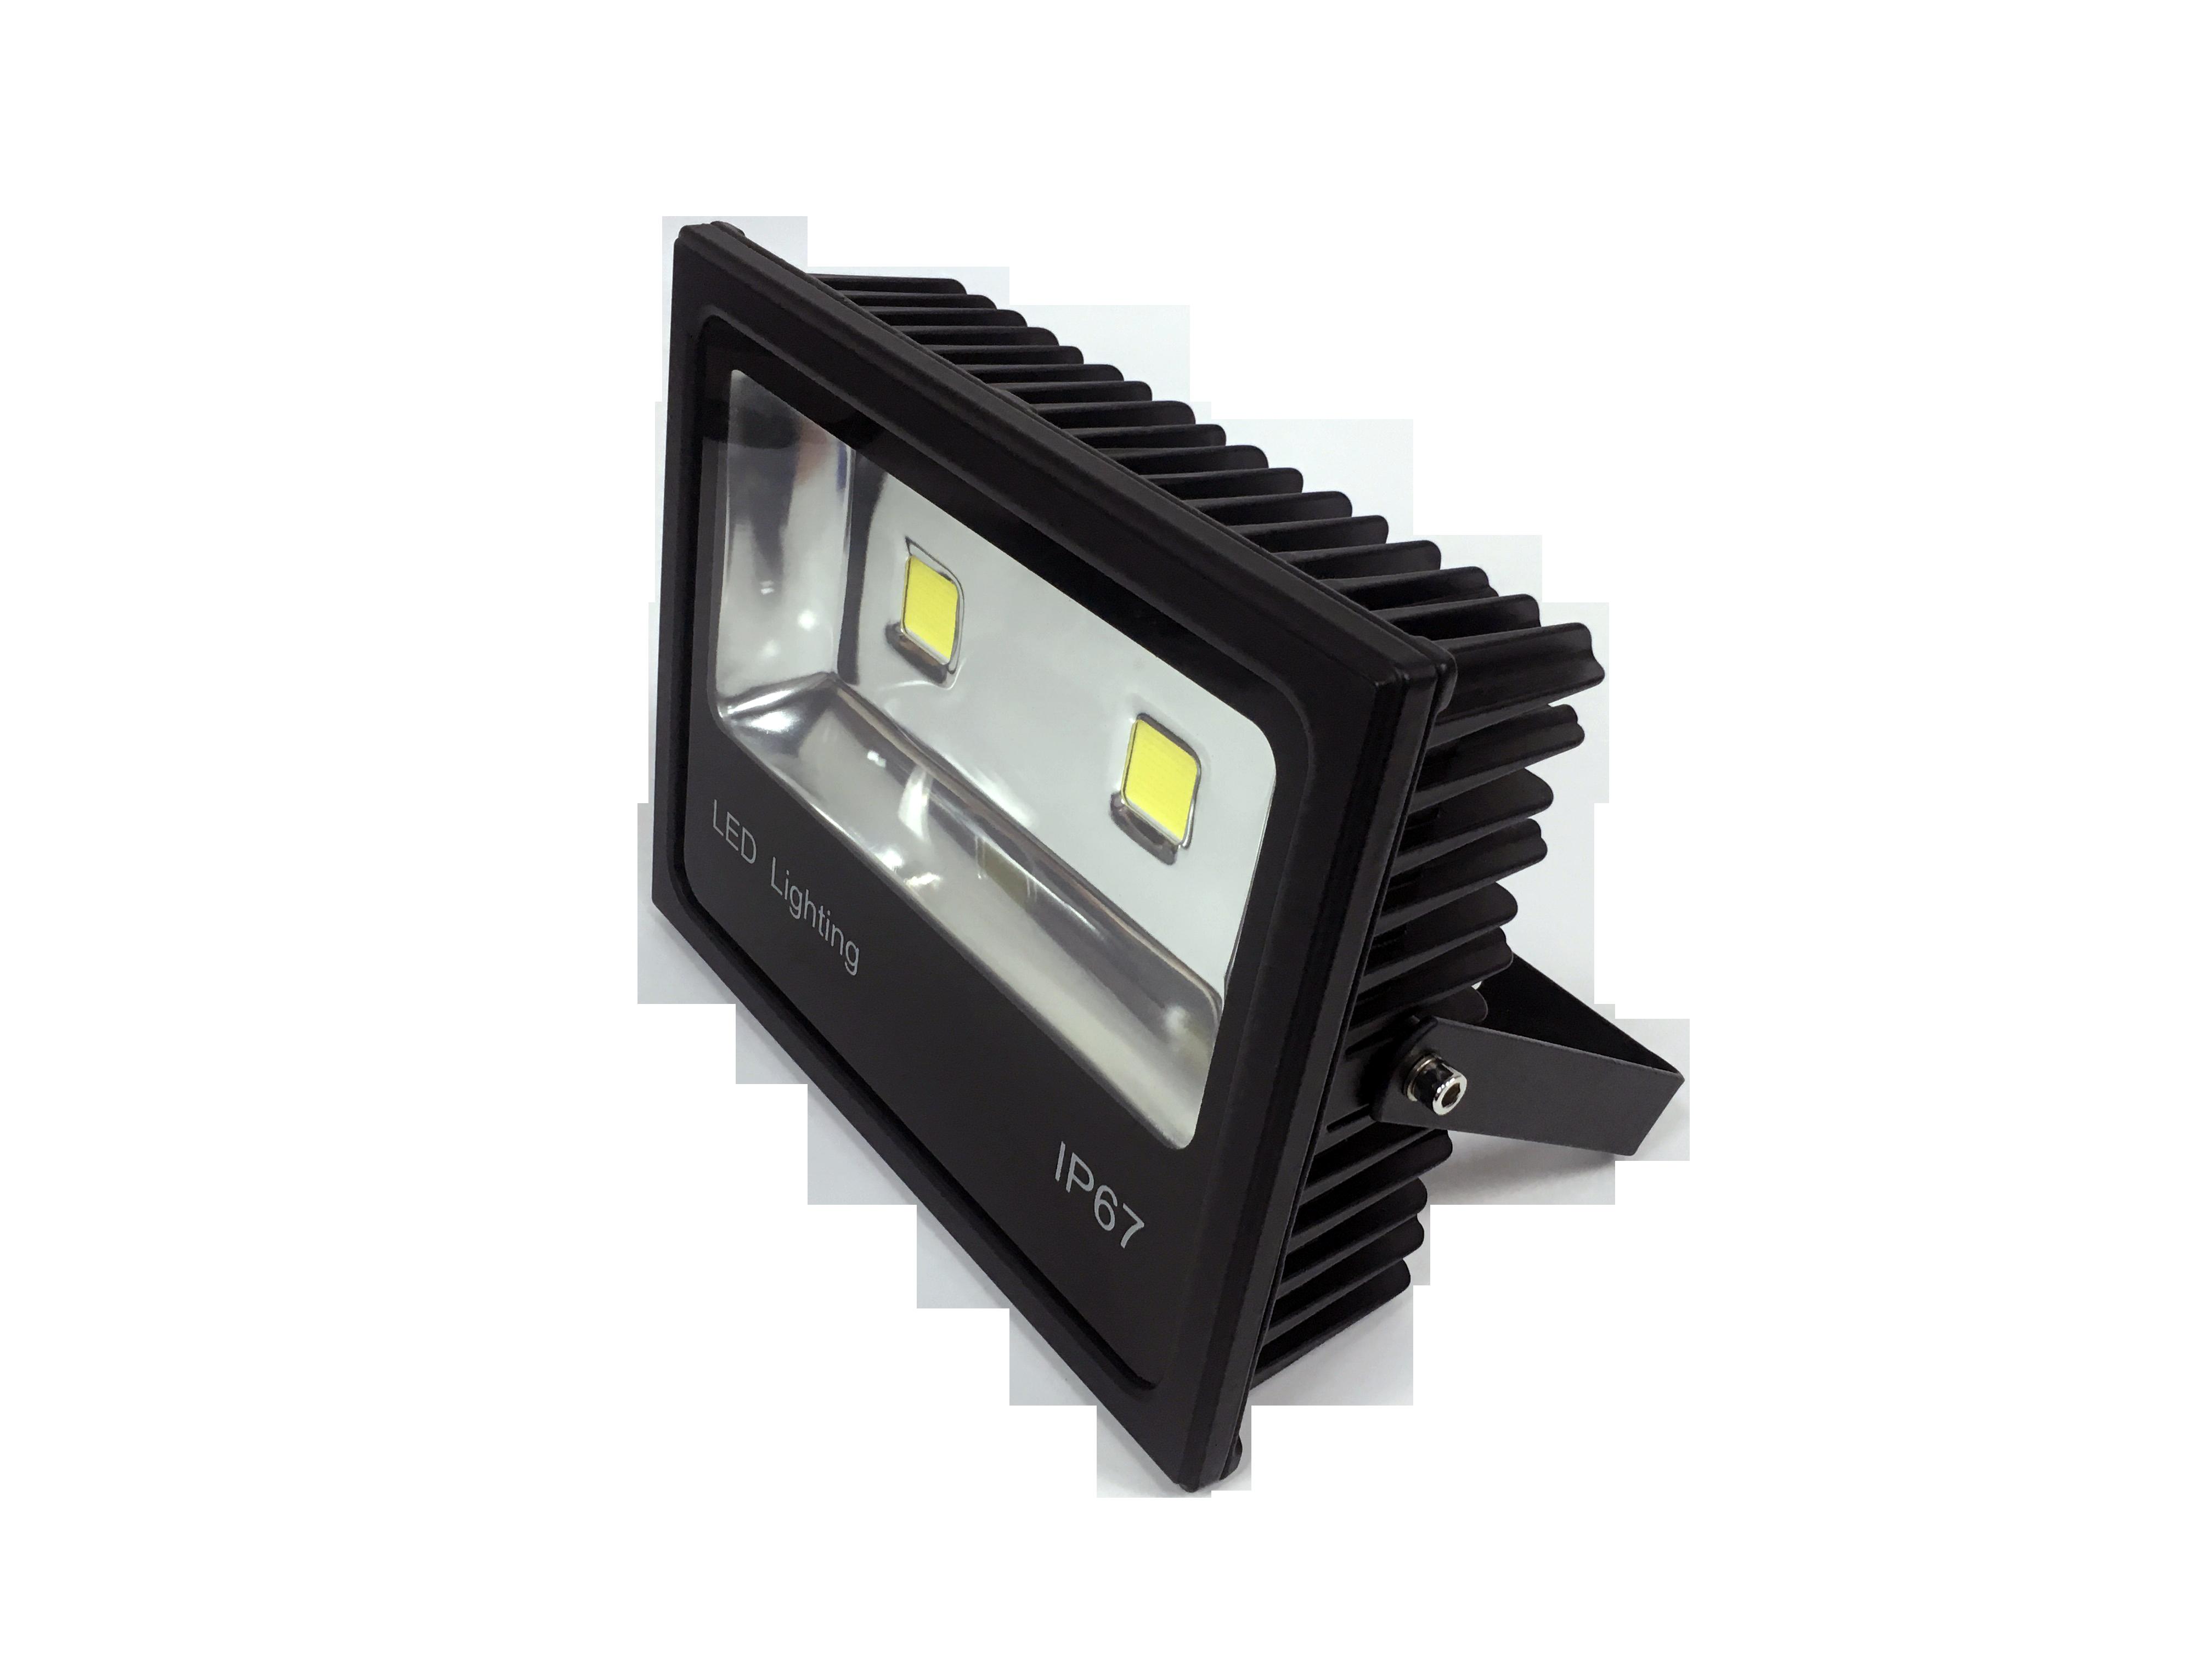 户外照明防水大功率投光灯  100w户外防水投光灯,投光灯,防水投光灯